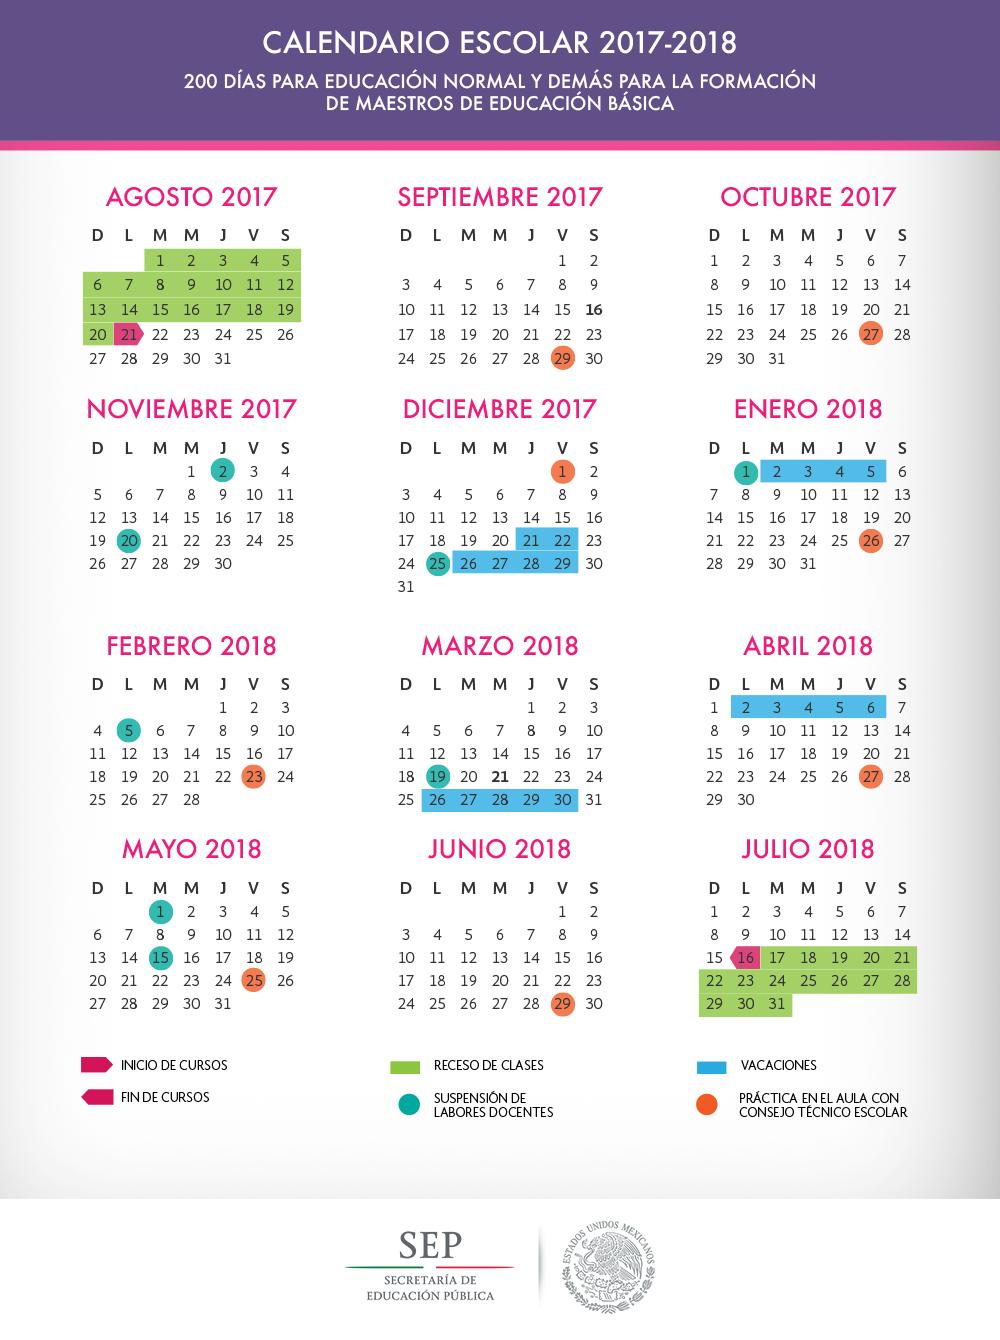 Calendario de Educación Básica para Maestros